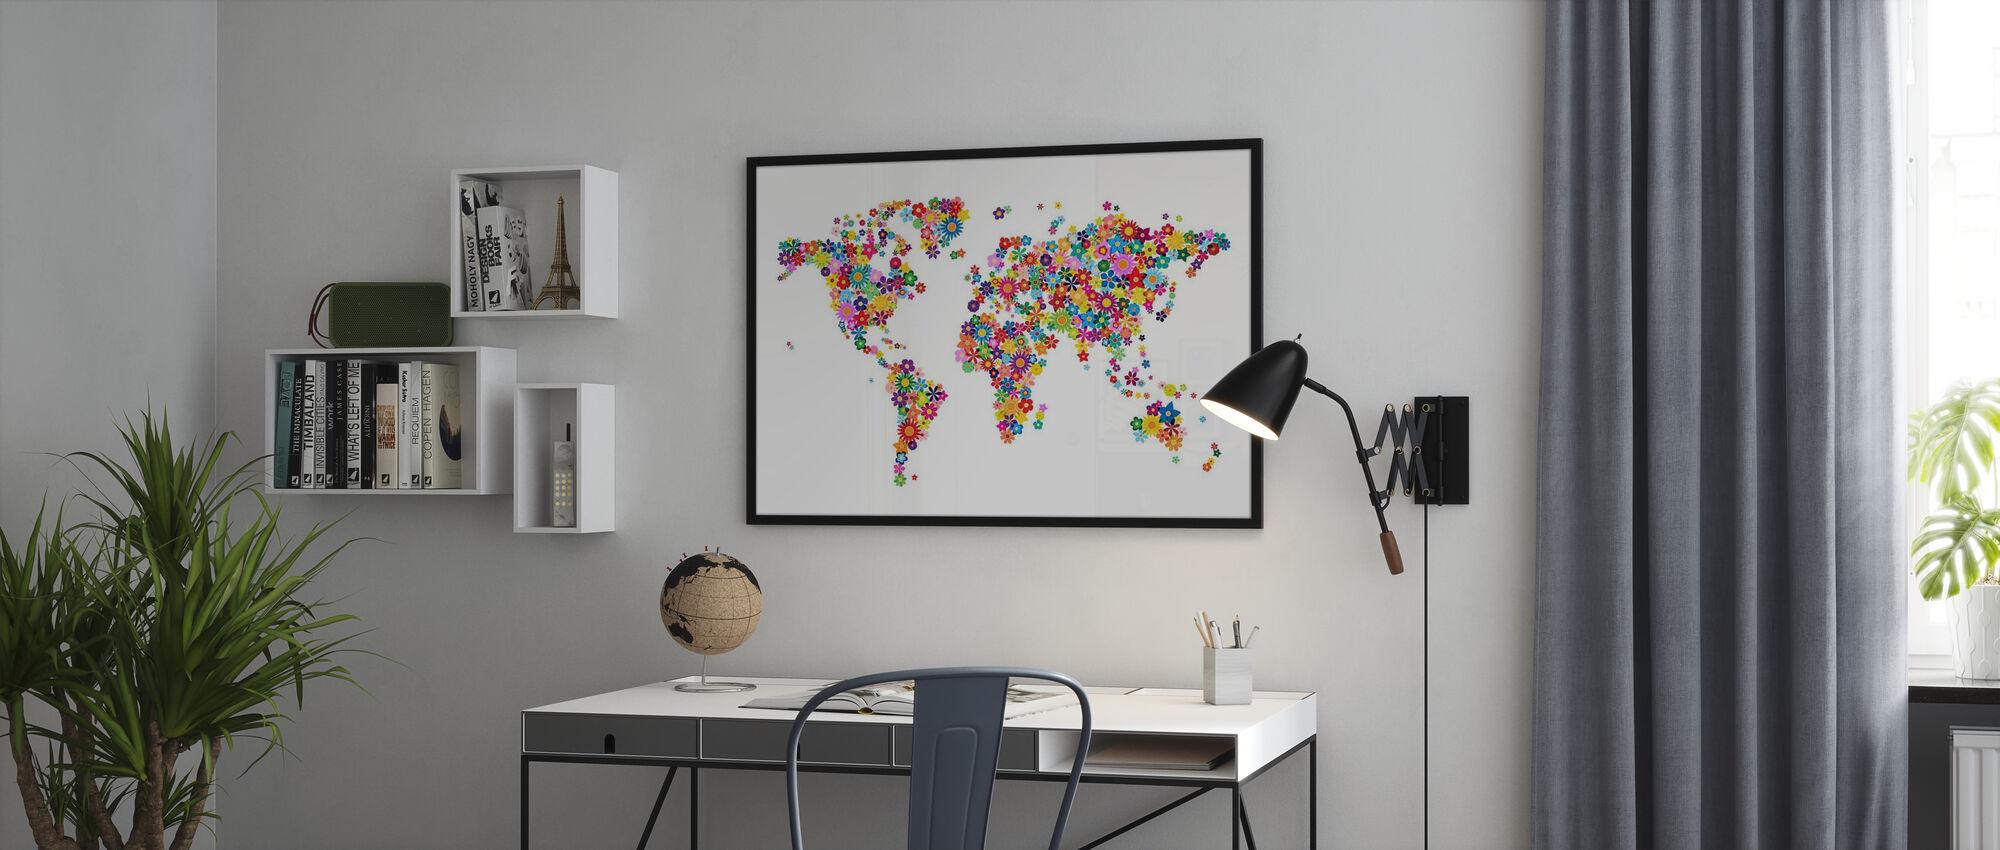 Bloemen Wereld Kaart - Ingelijste print - Kantoor